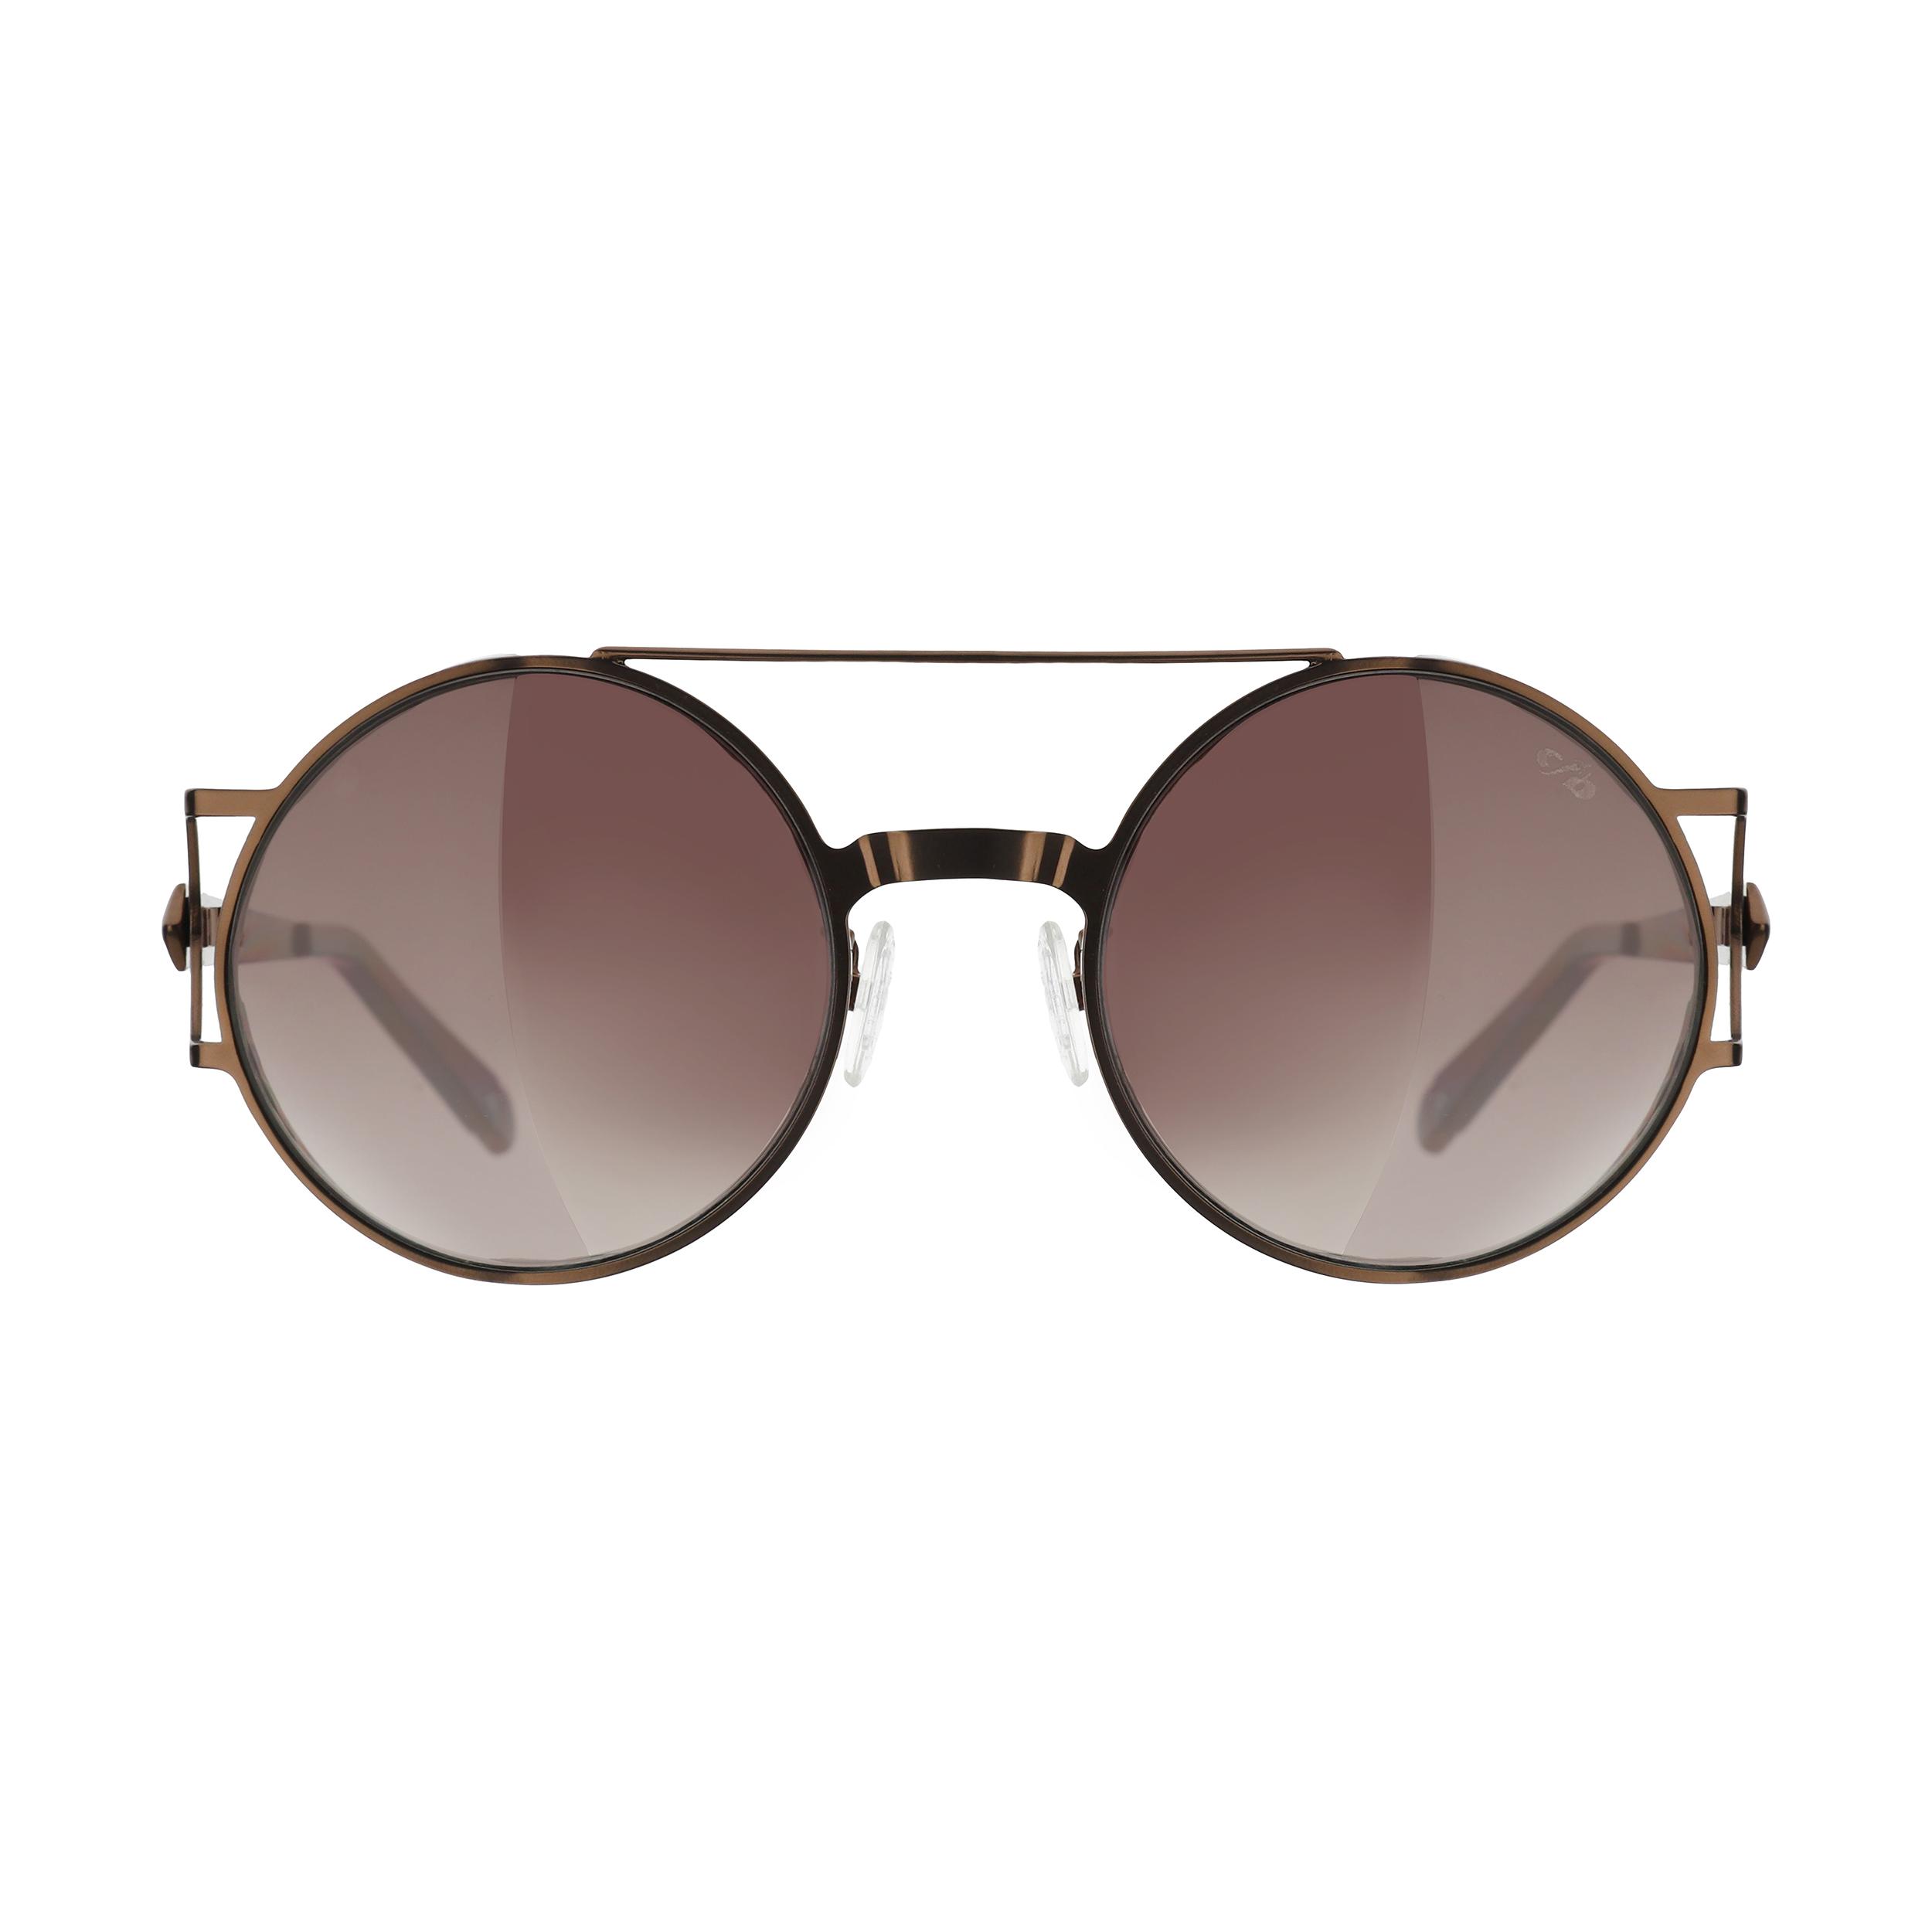 عینک آفتابی چیلی بینز مدل 2295 0202